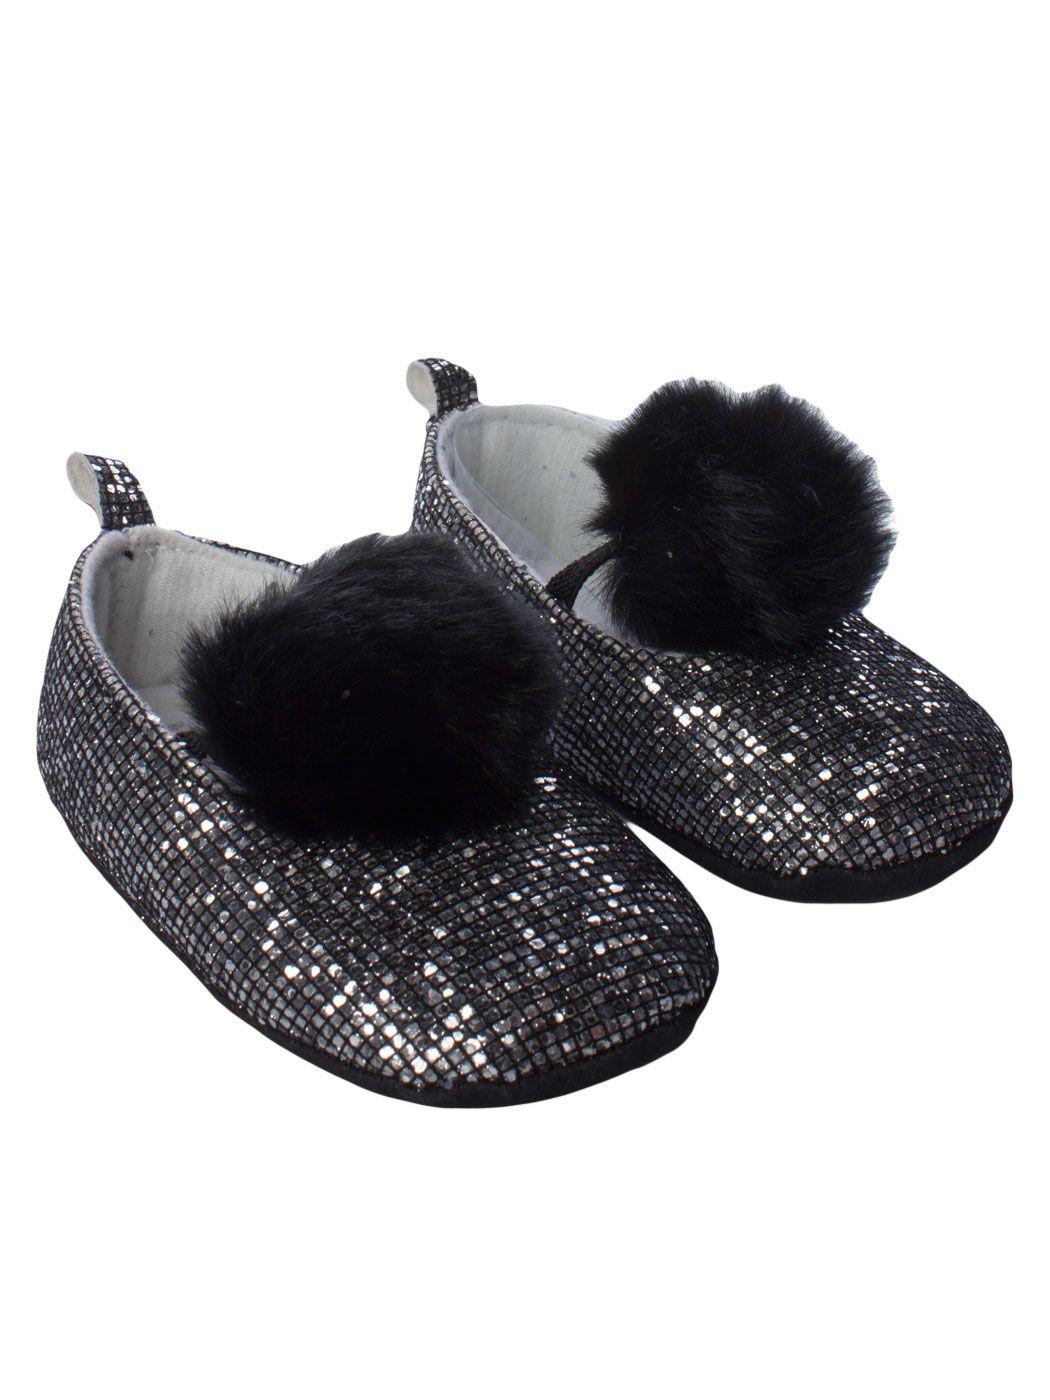 Zapatos negros con cordones infantiles aUd94